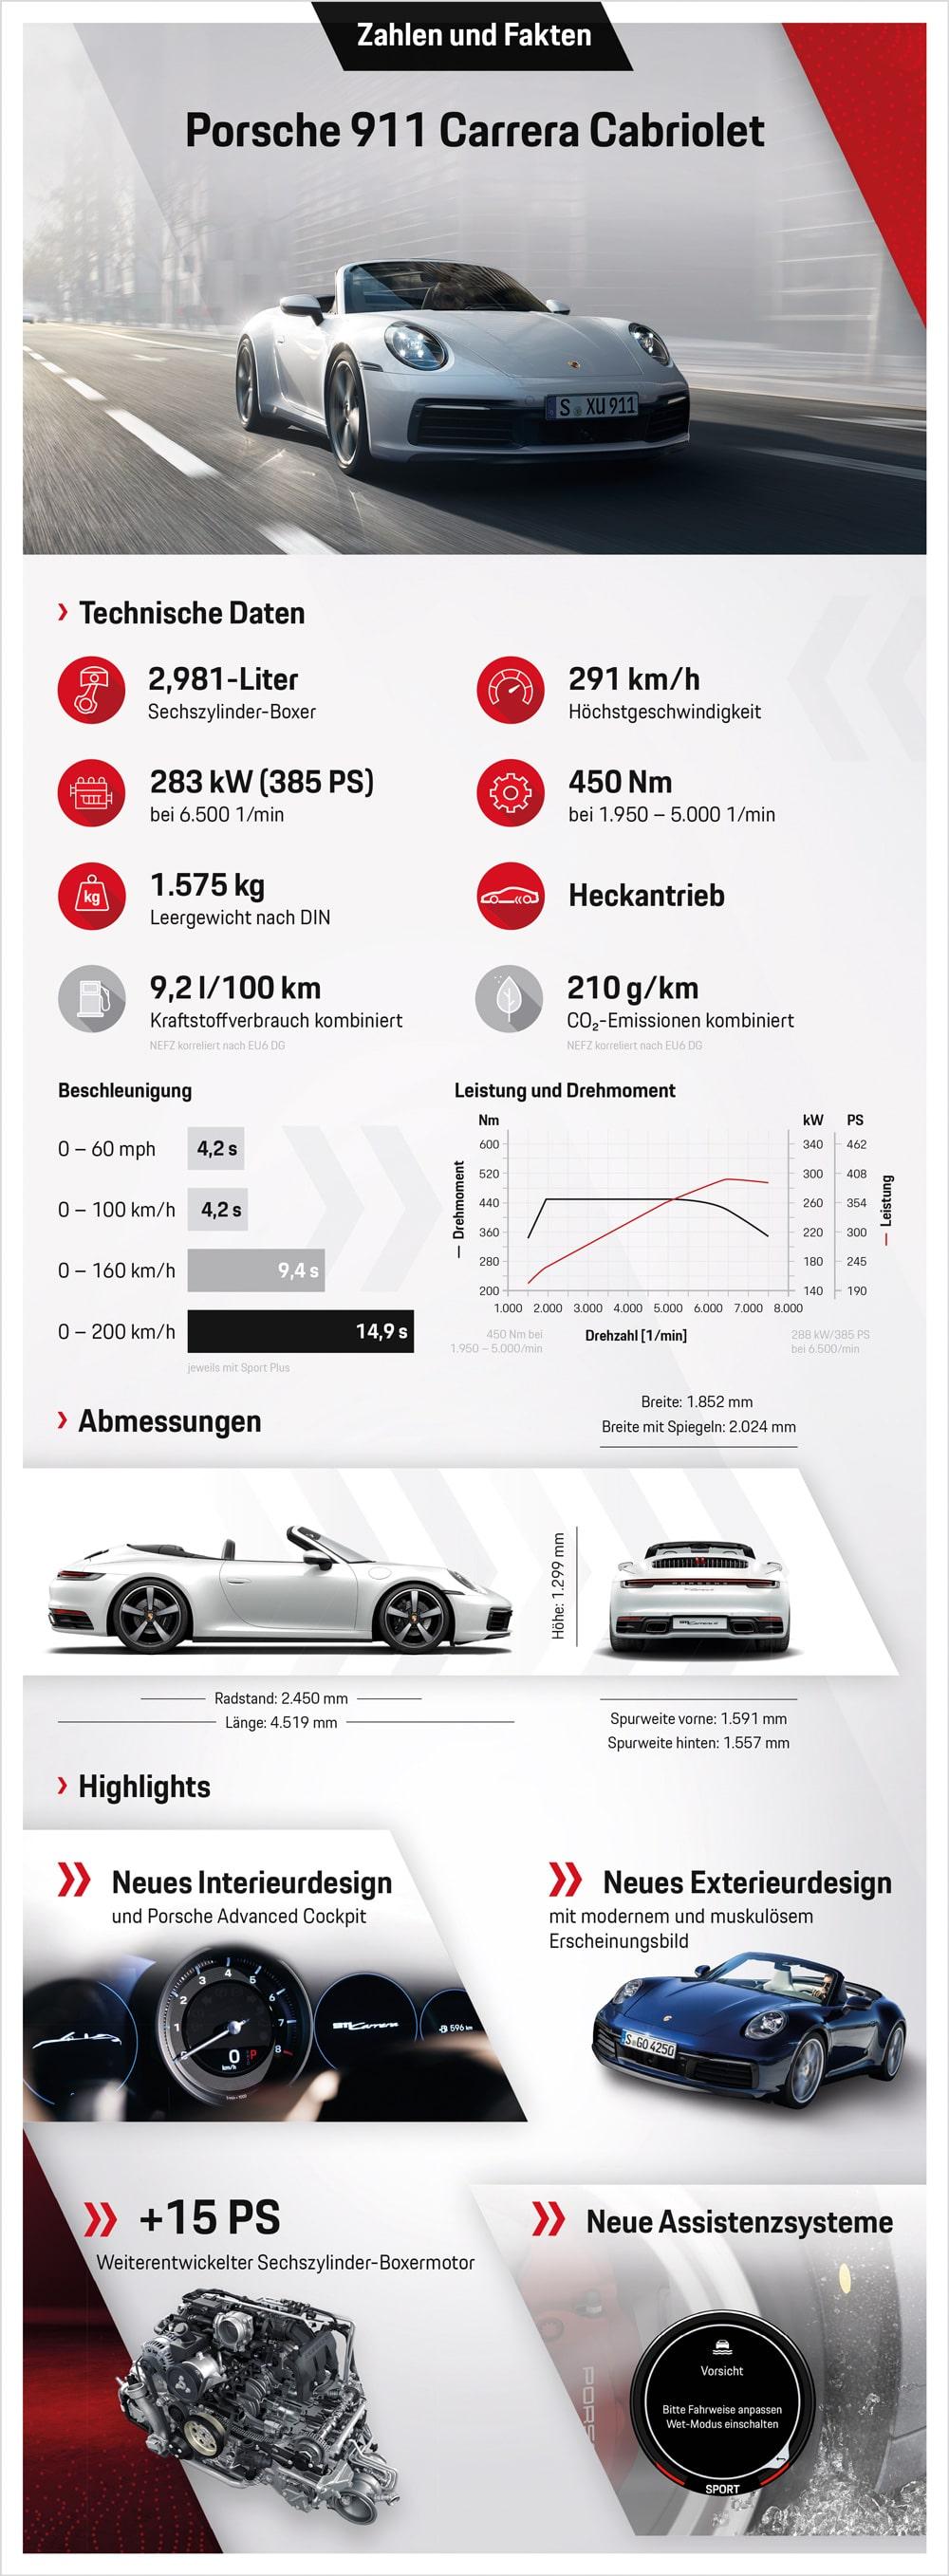 Porsche 911 Carrera Cabrio Zahlen & Fakten auf einen Blick © Porsche AG